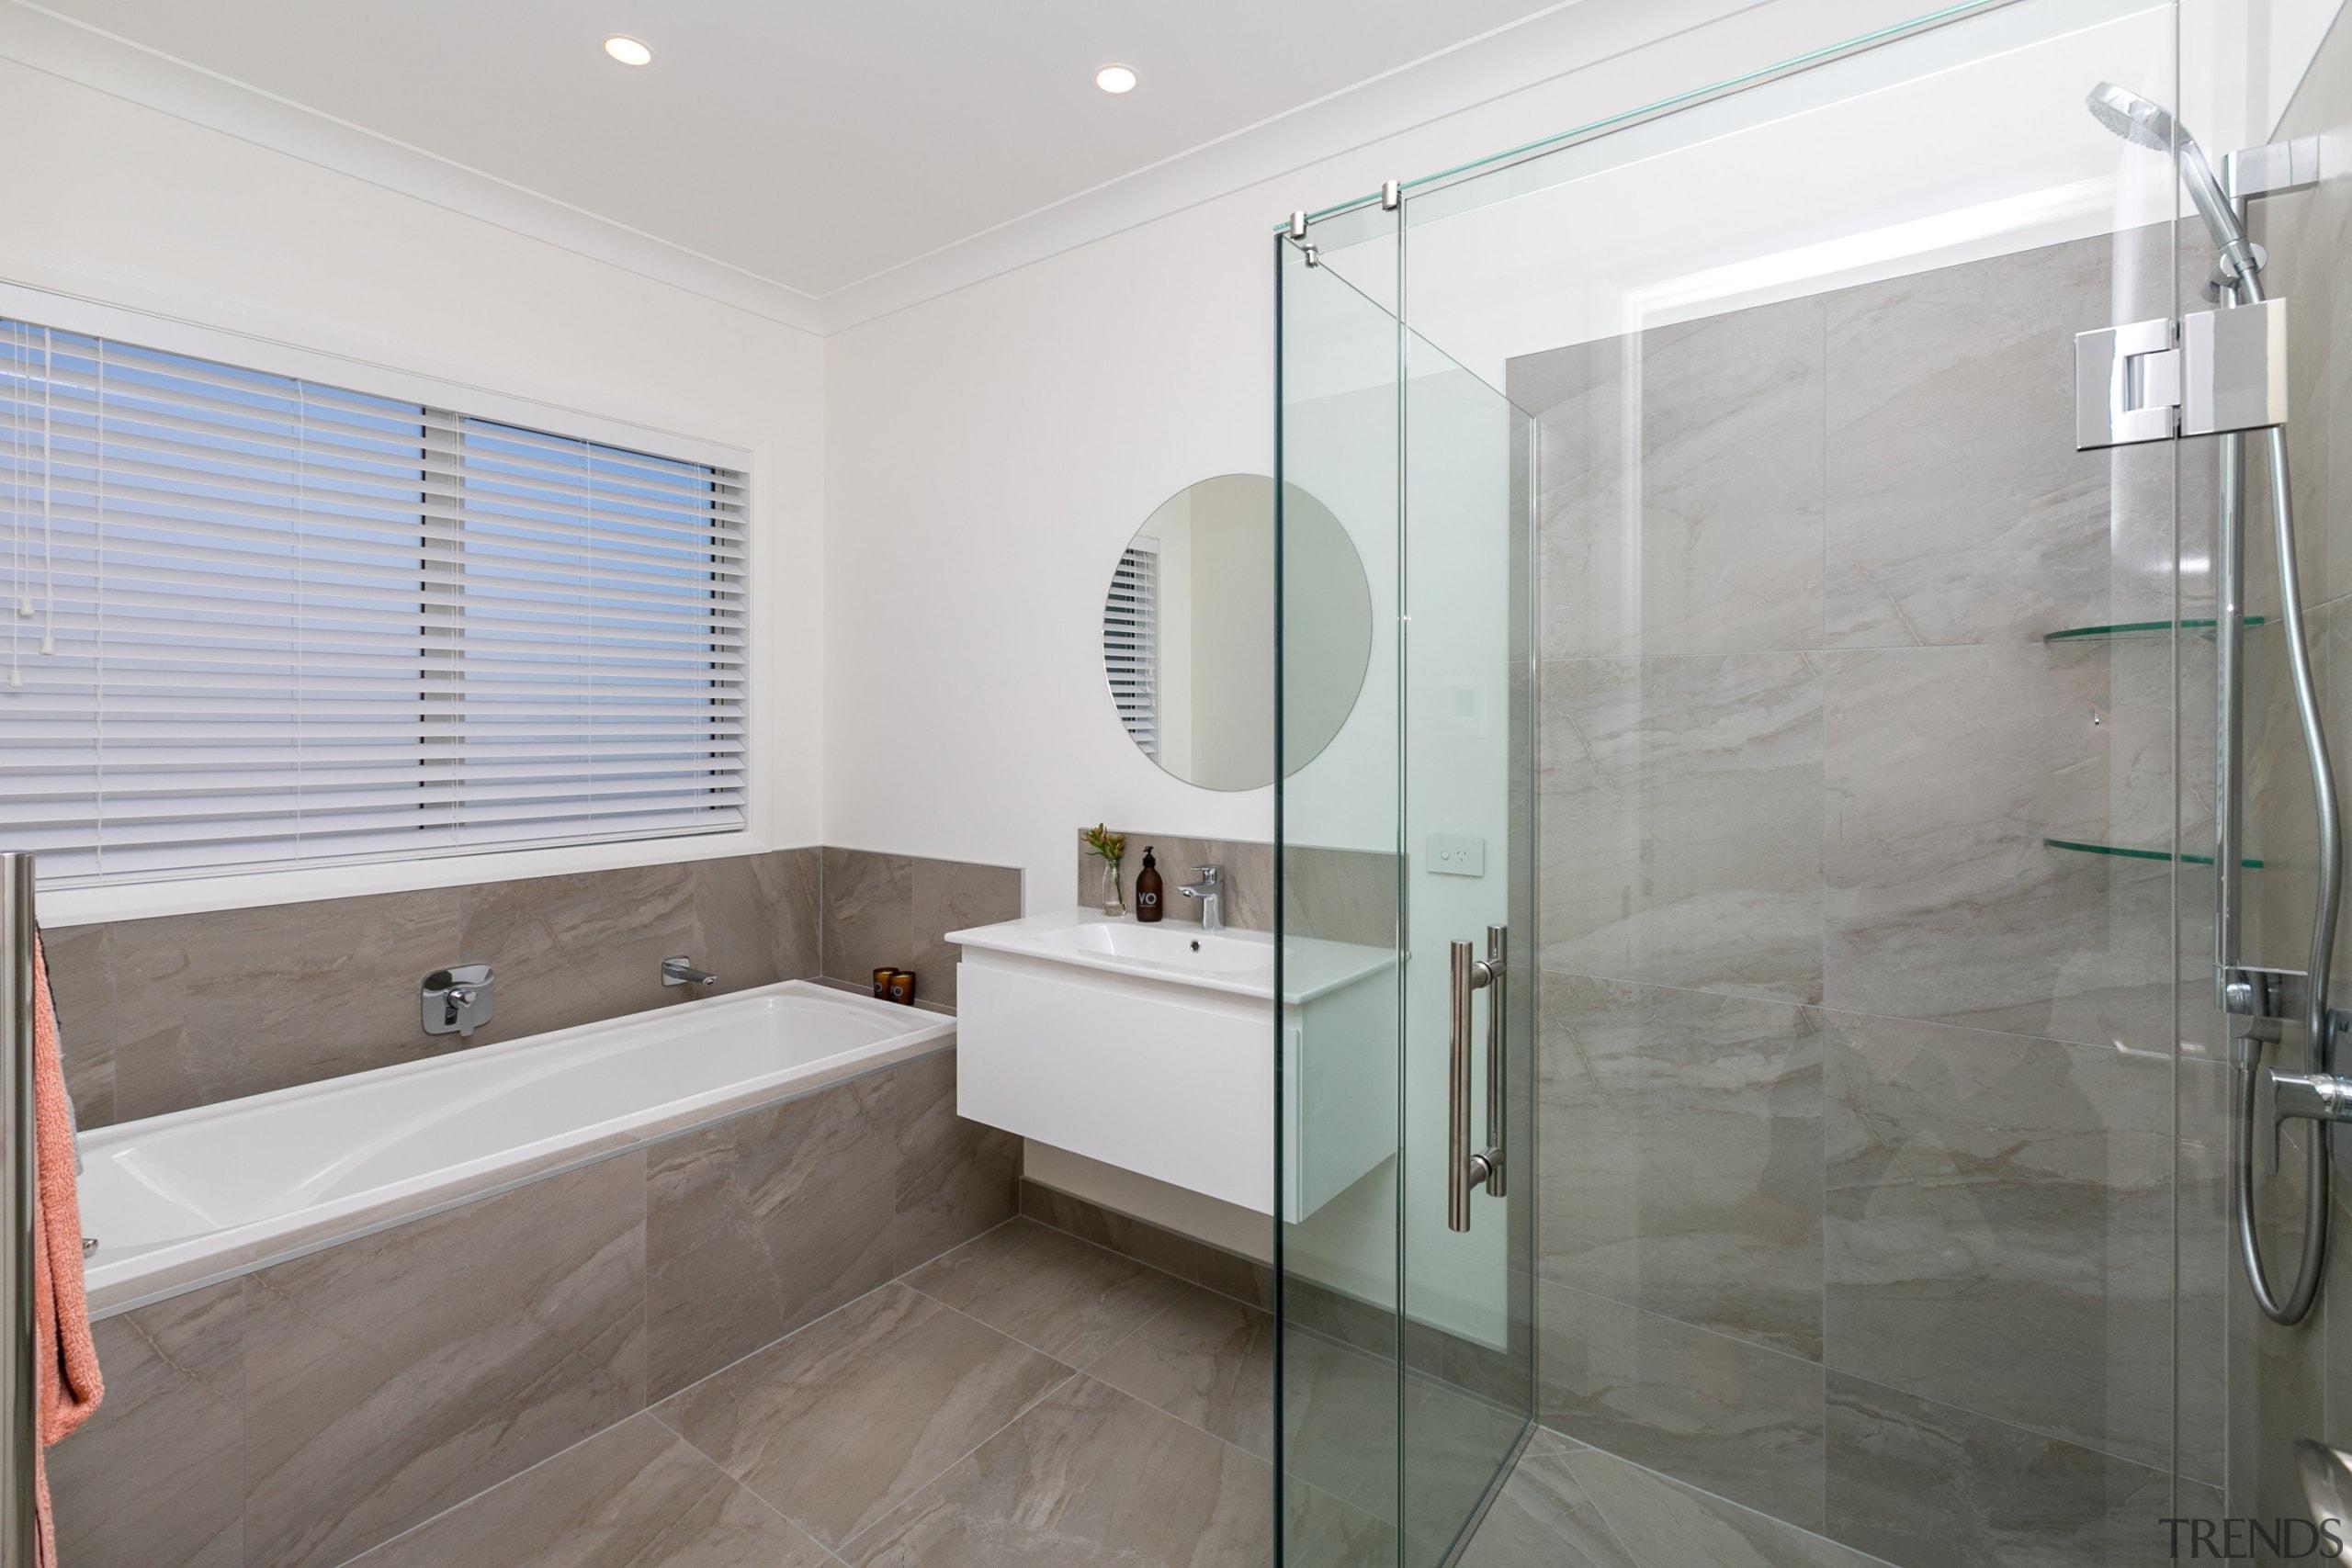 Vision Living frameless glass corner shower, with White bathroom, floor, interior design, real estate, room, gray